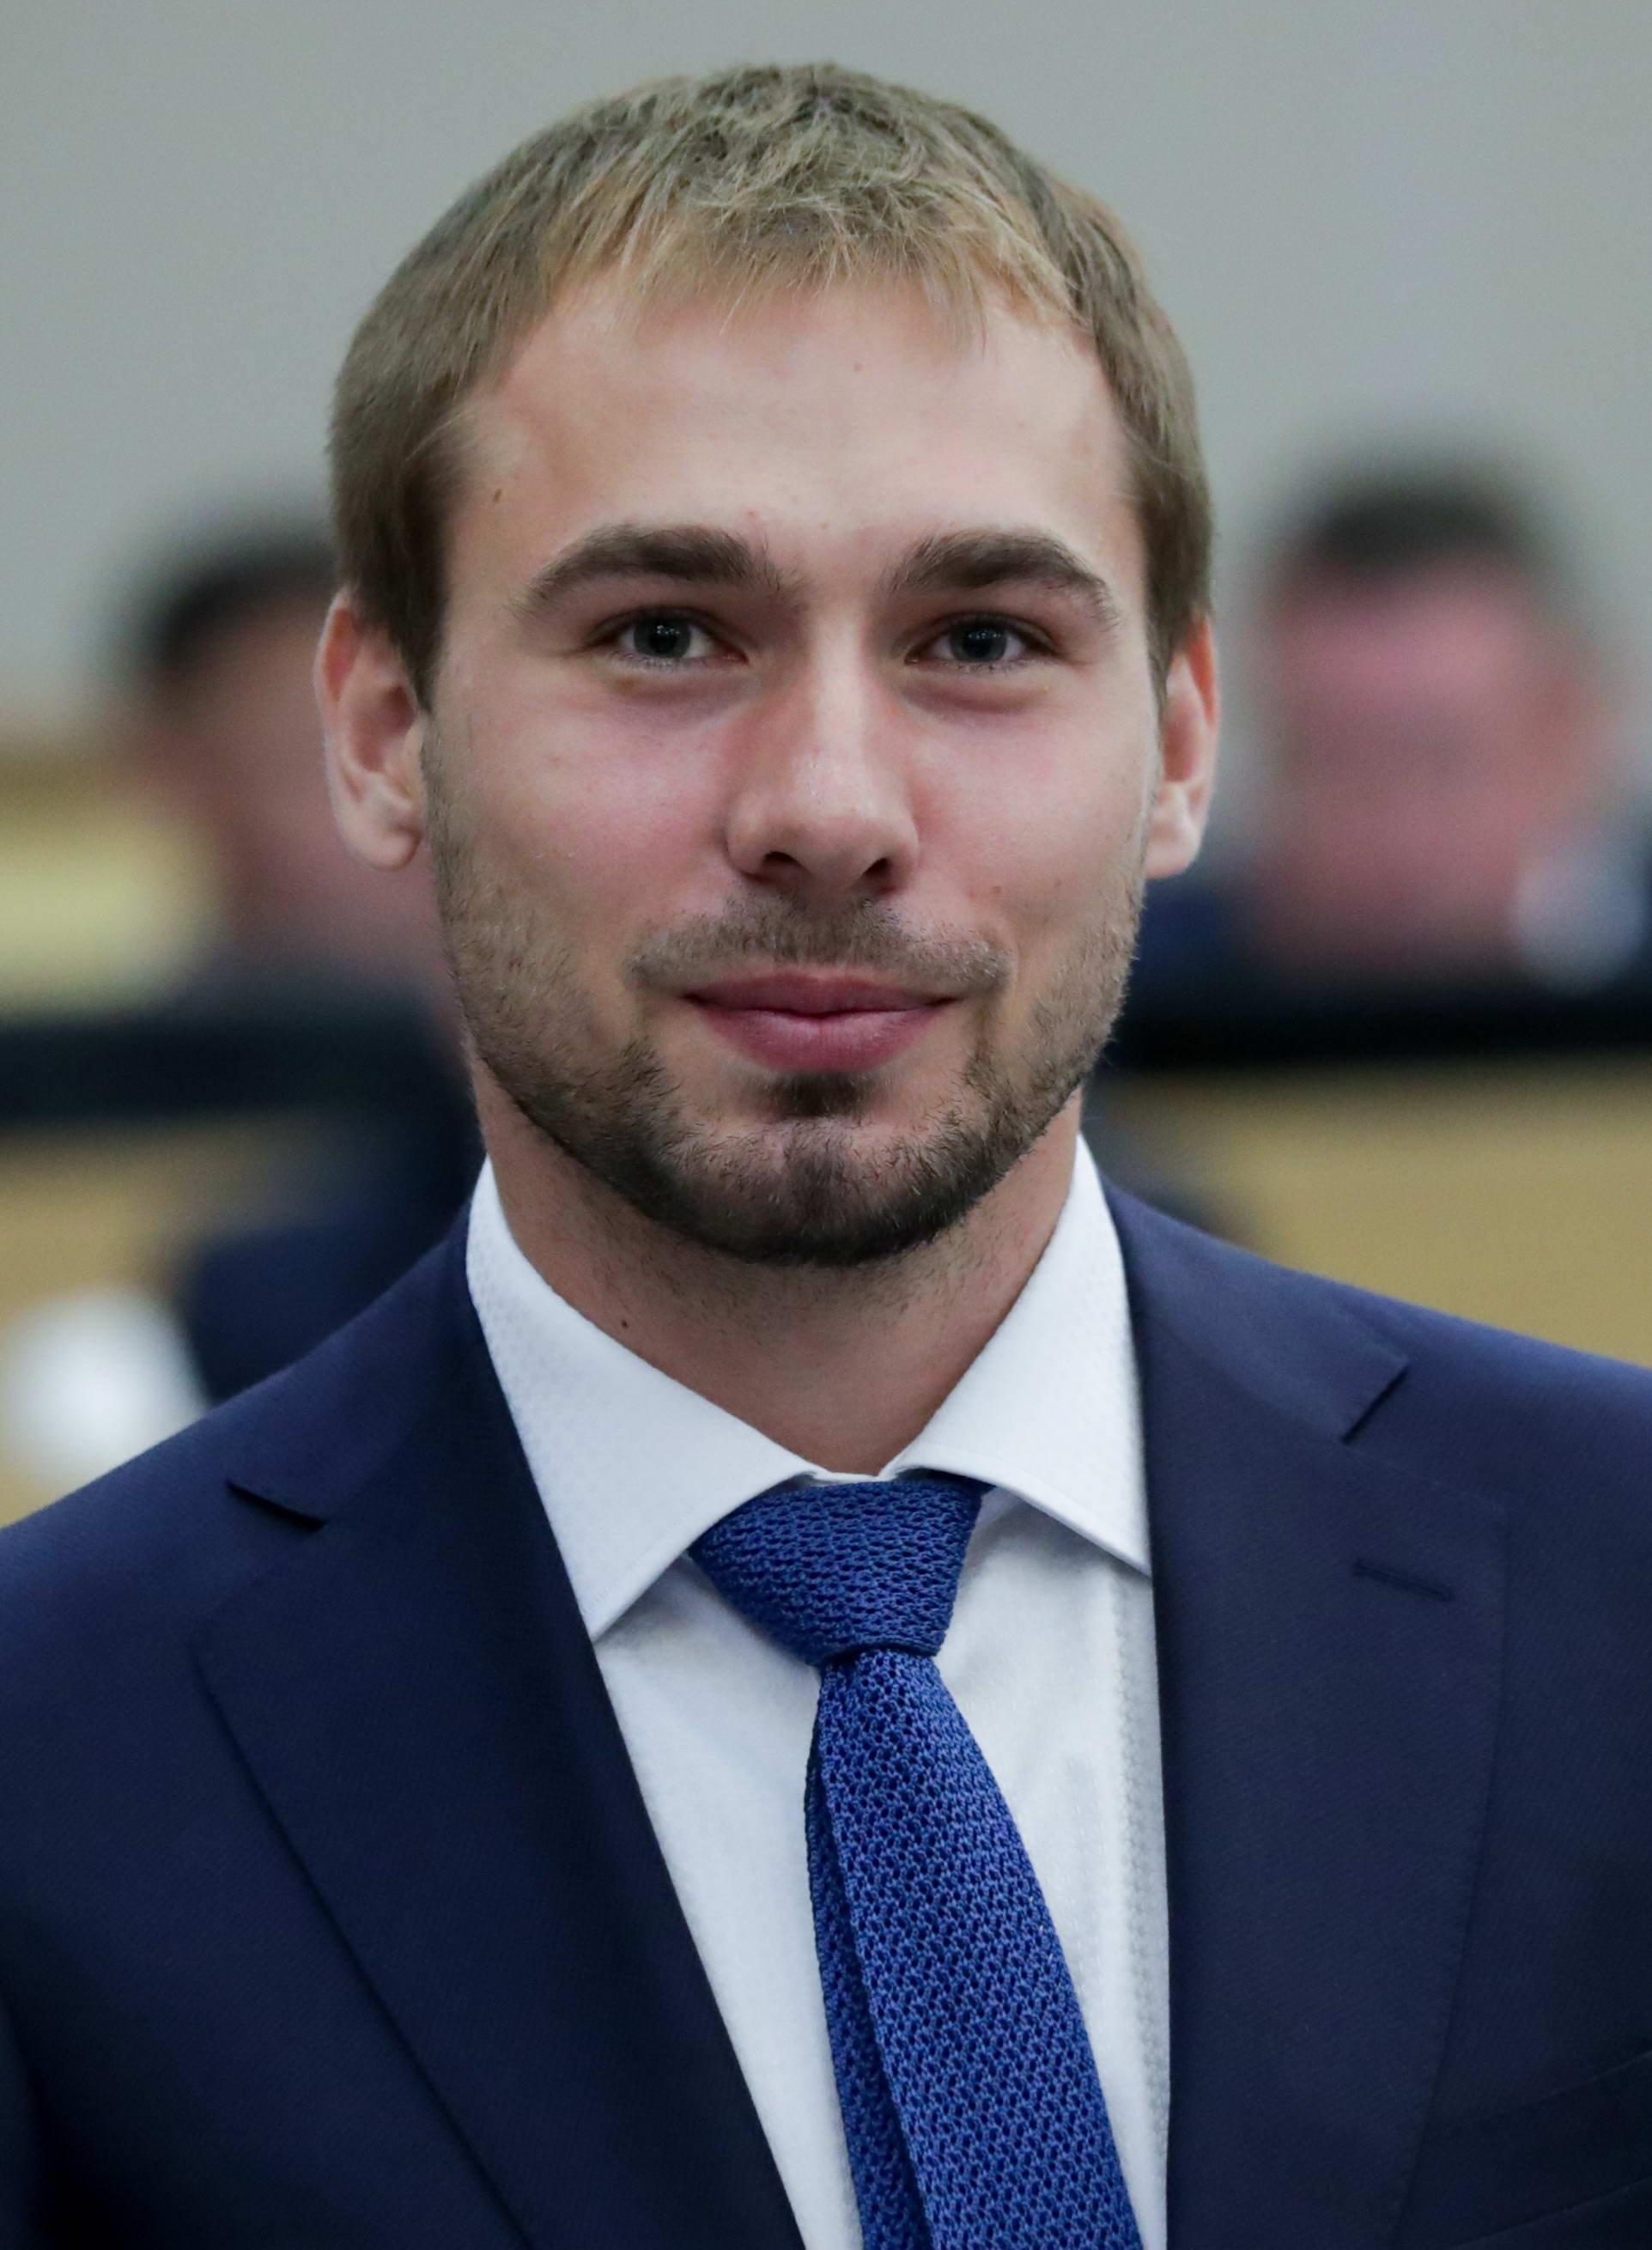 Anton_Shipulin_(2019-09-17)